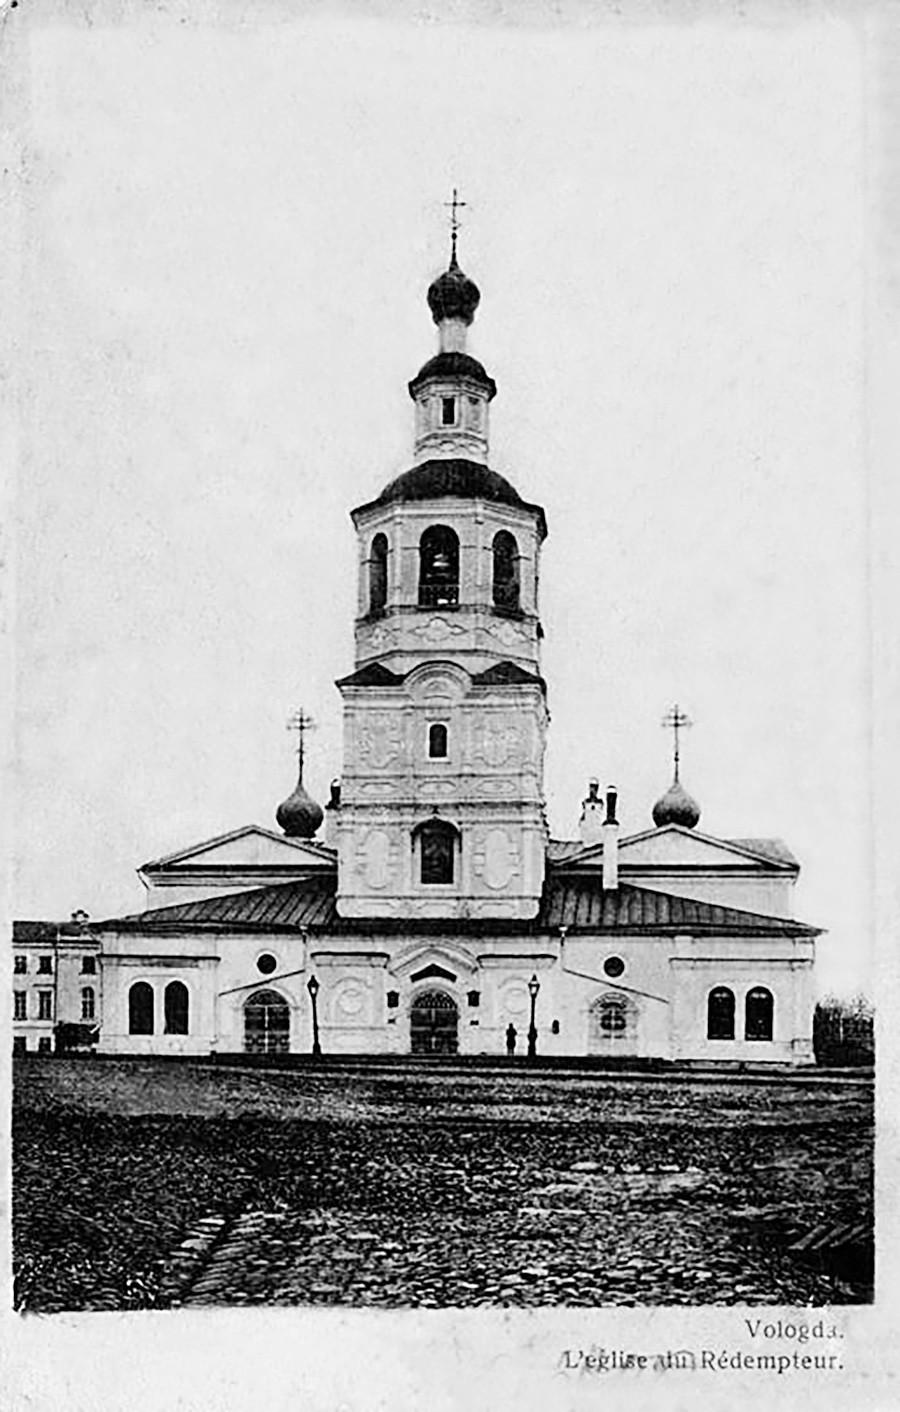 Die Kathedrale in Wologda wurde 1972 zerstört.